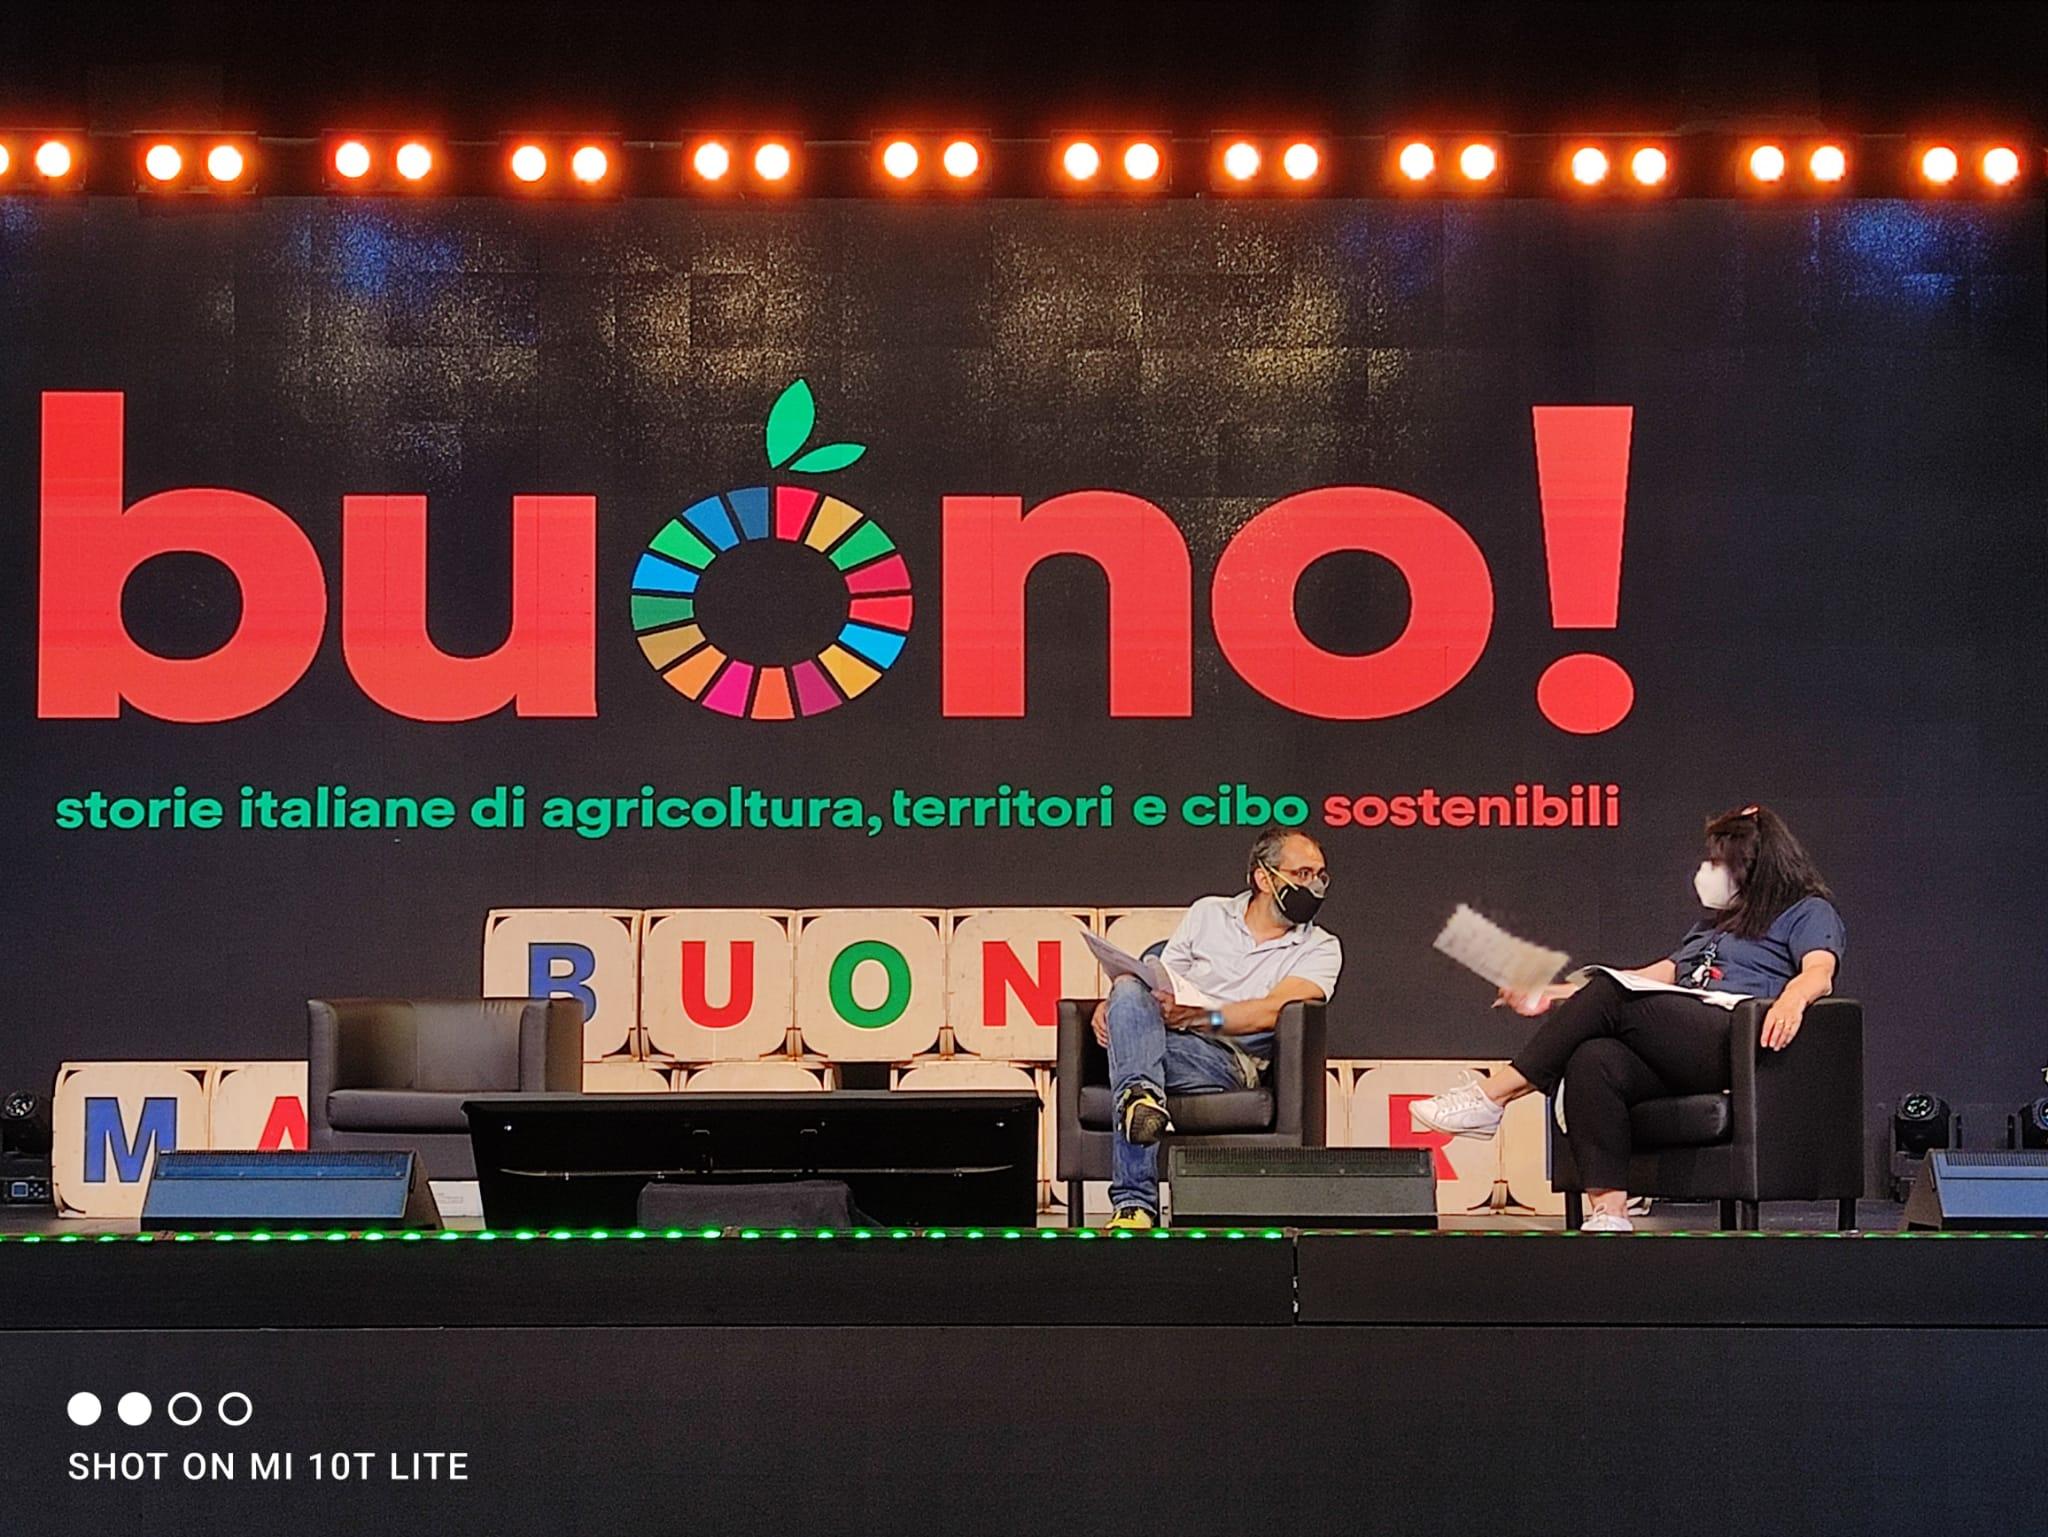 Buono! Storie Italiane di Agricoltura, Territori e Cibo Sostenibili